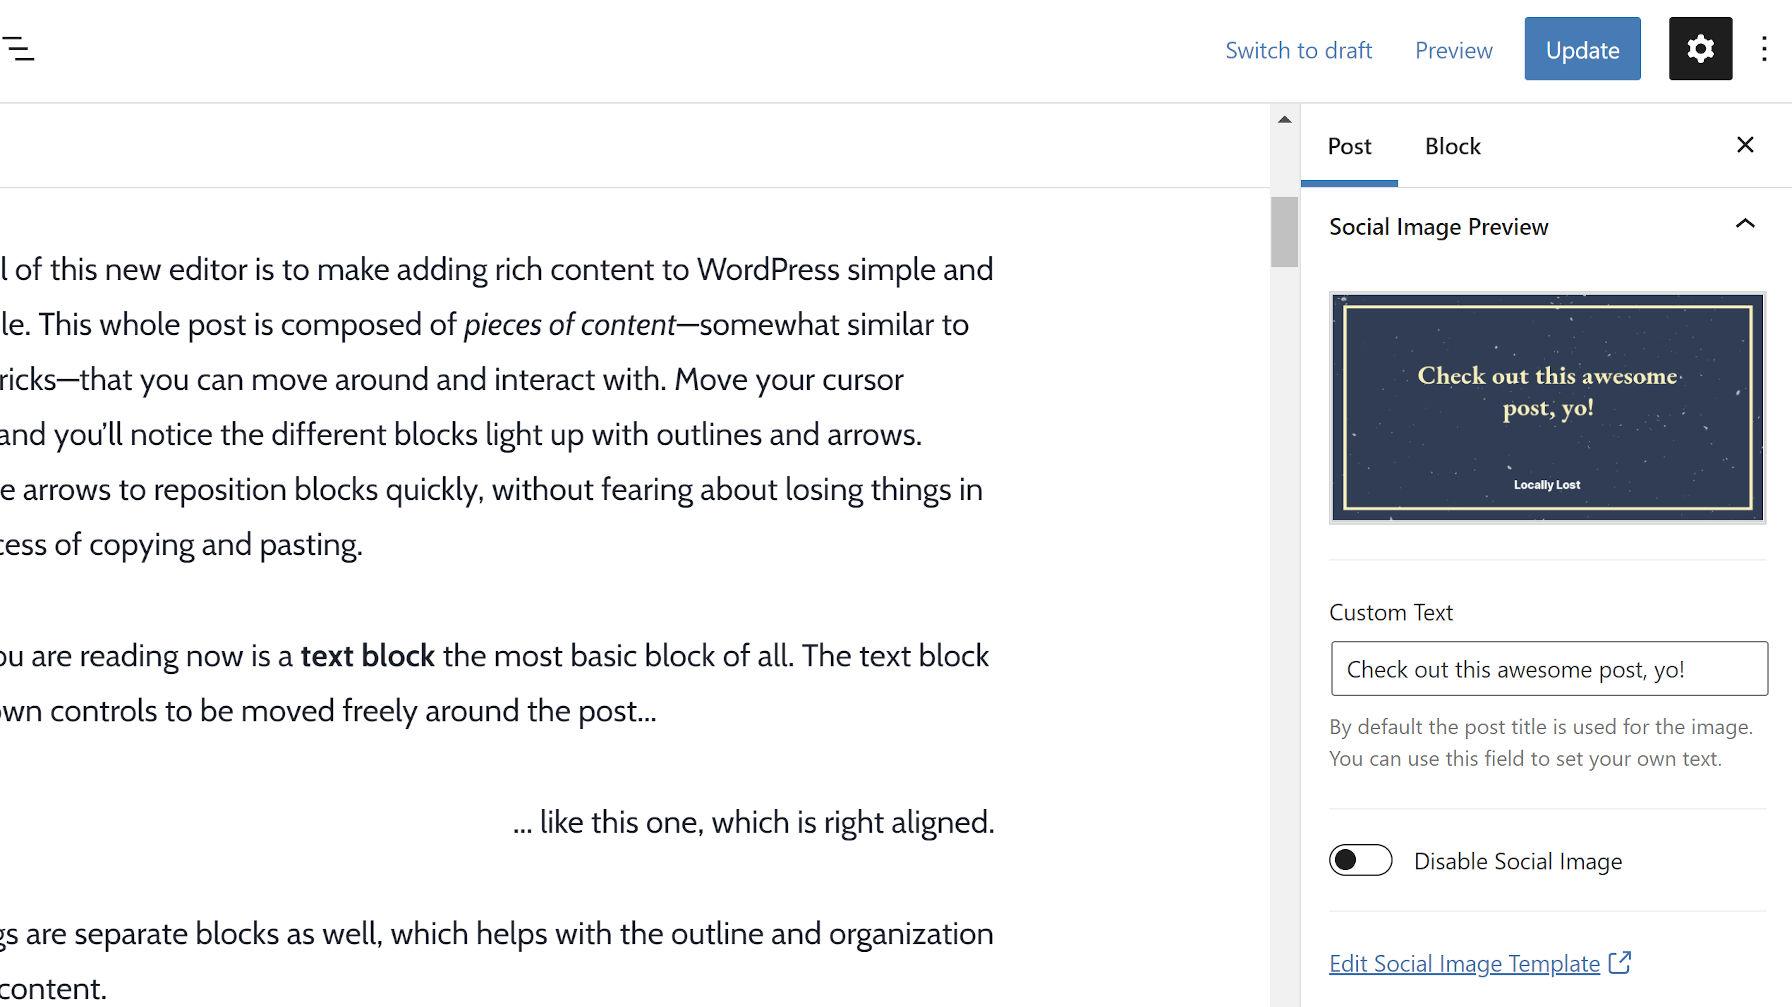 Personnalisation de l'image sociale via une boîte méta de la barre latérale de l'éditeur de publication WordPress.